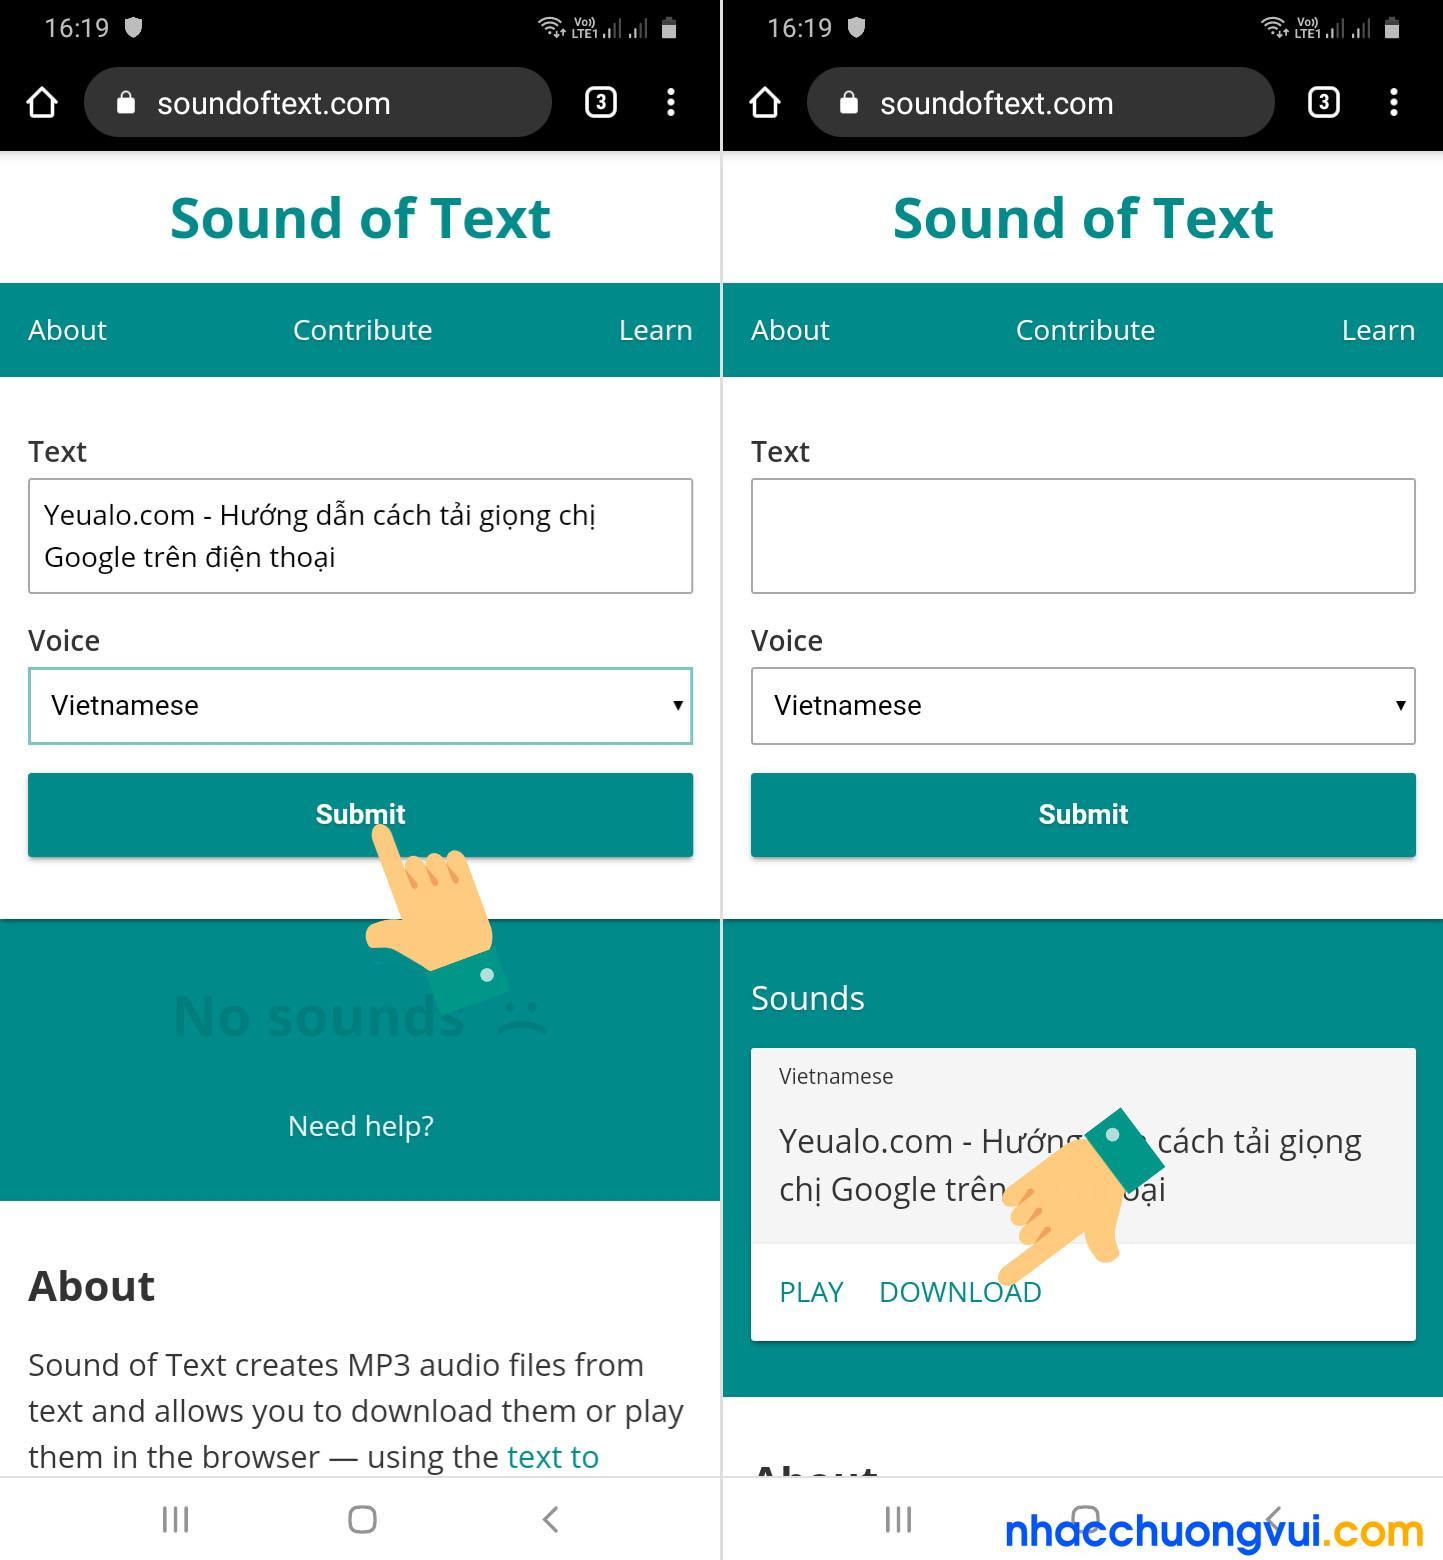 Các bước tải giọng chị Google trên điện thoại